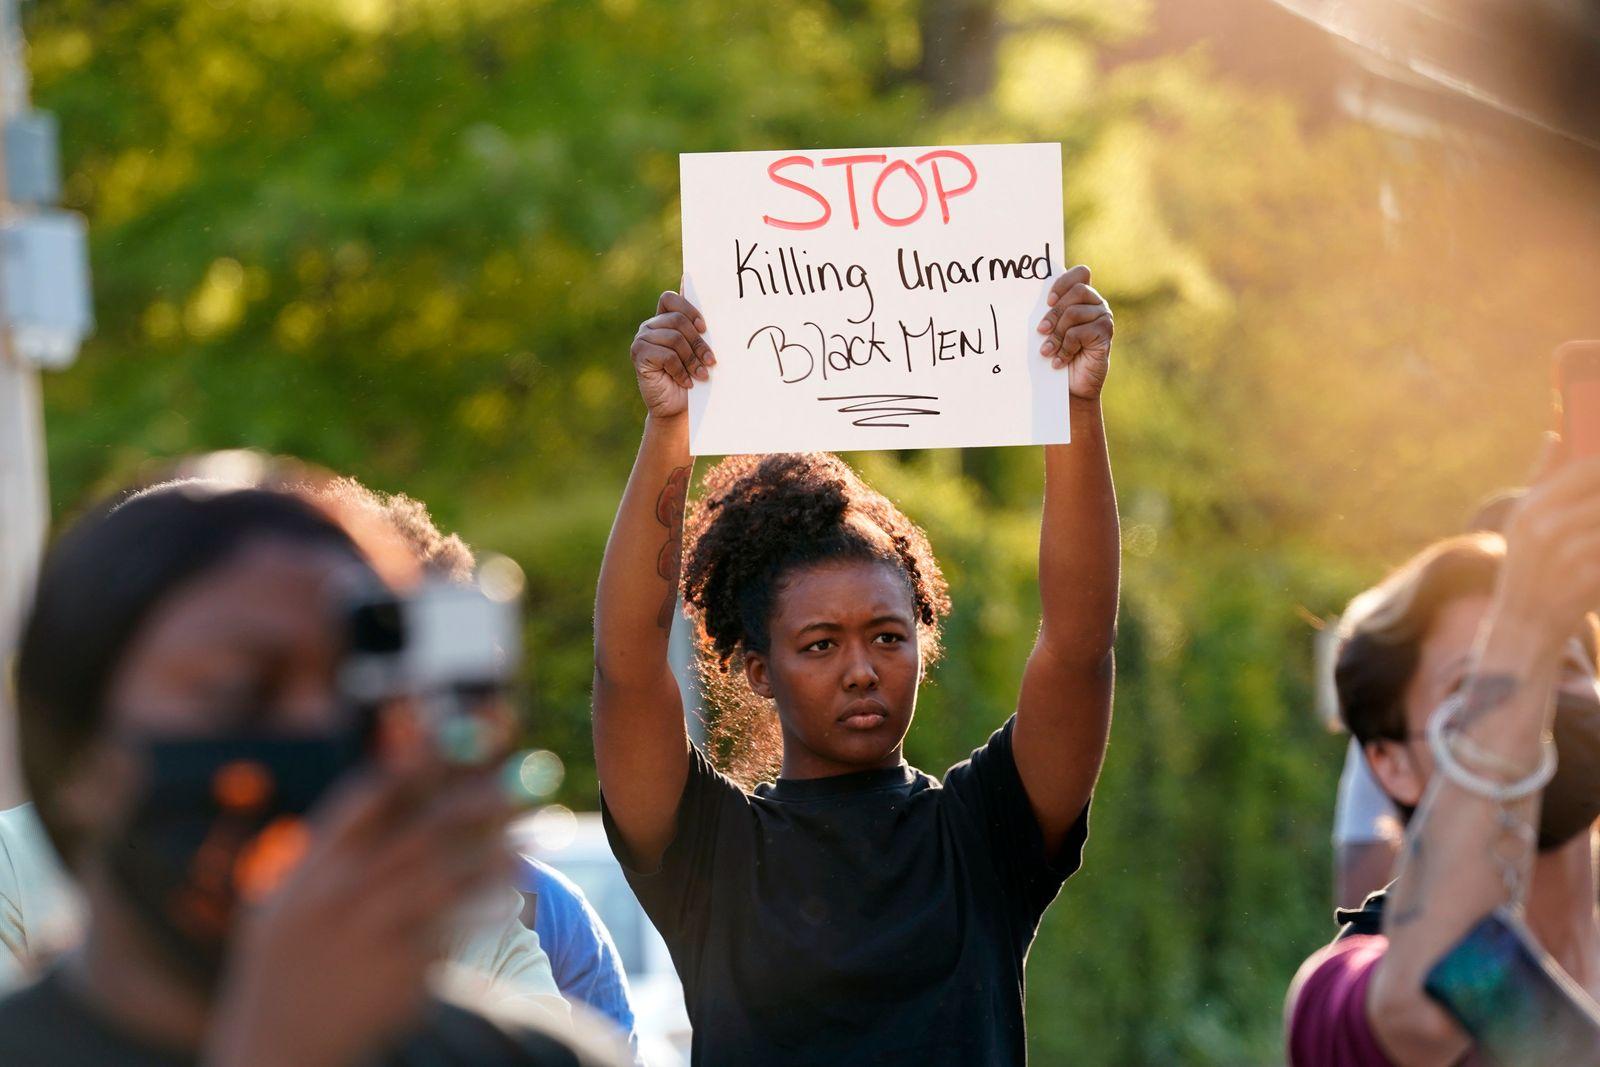 Proteste gegen Polizeigewalt in den USA - North Carolina